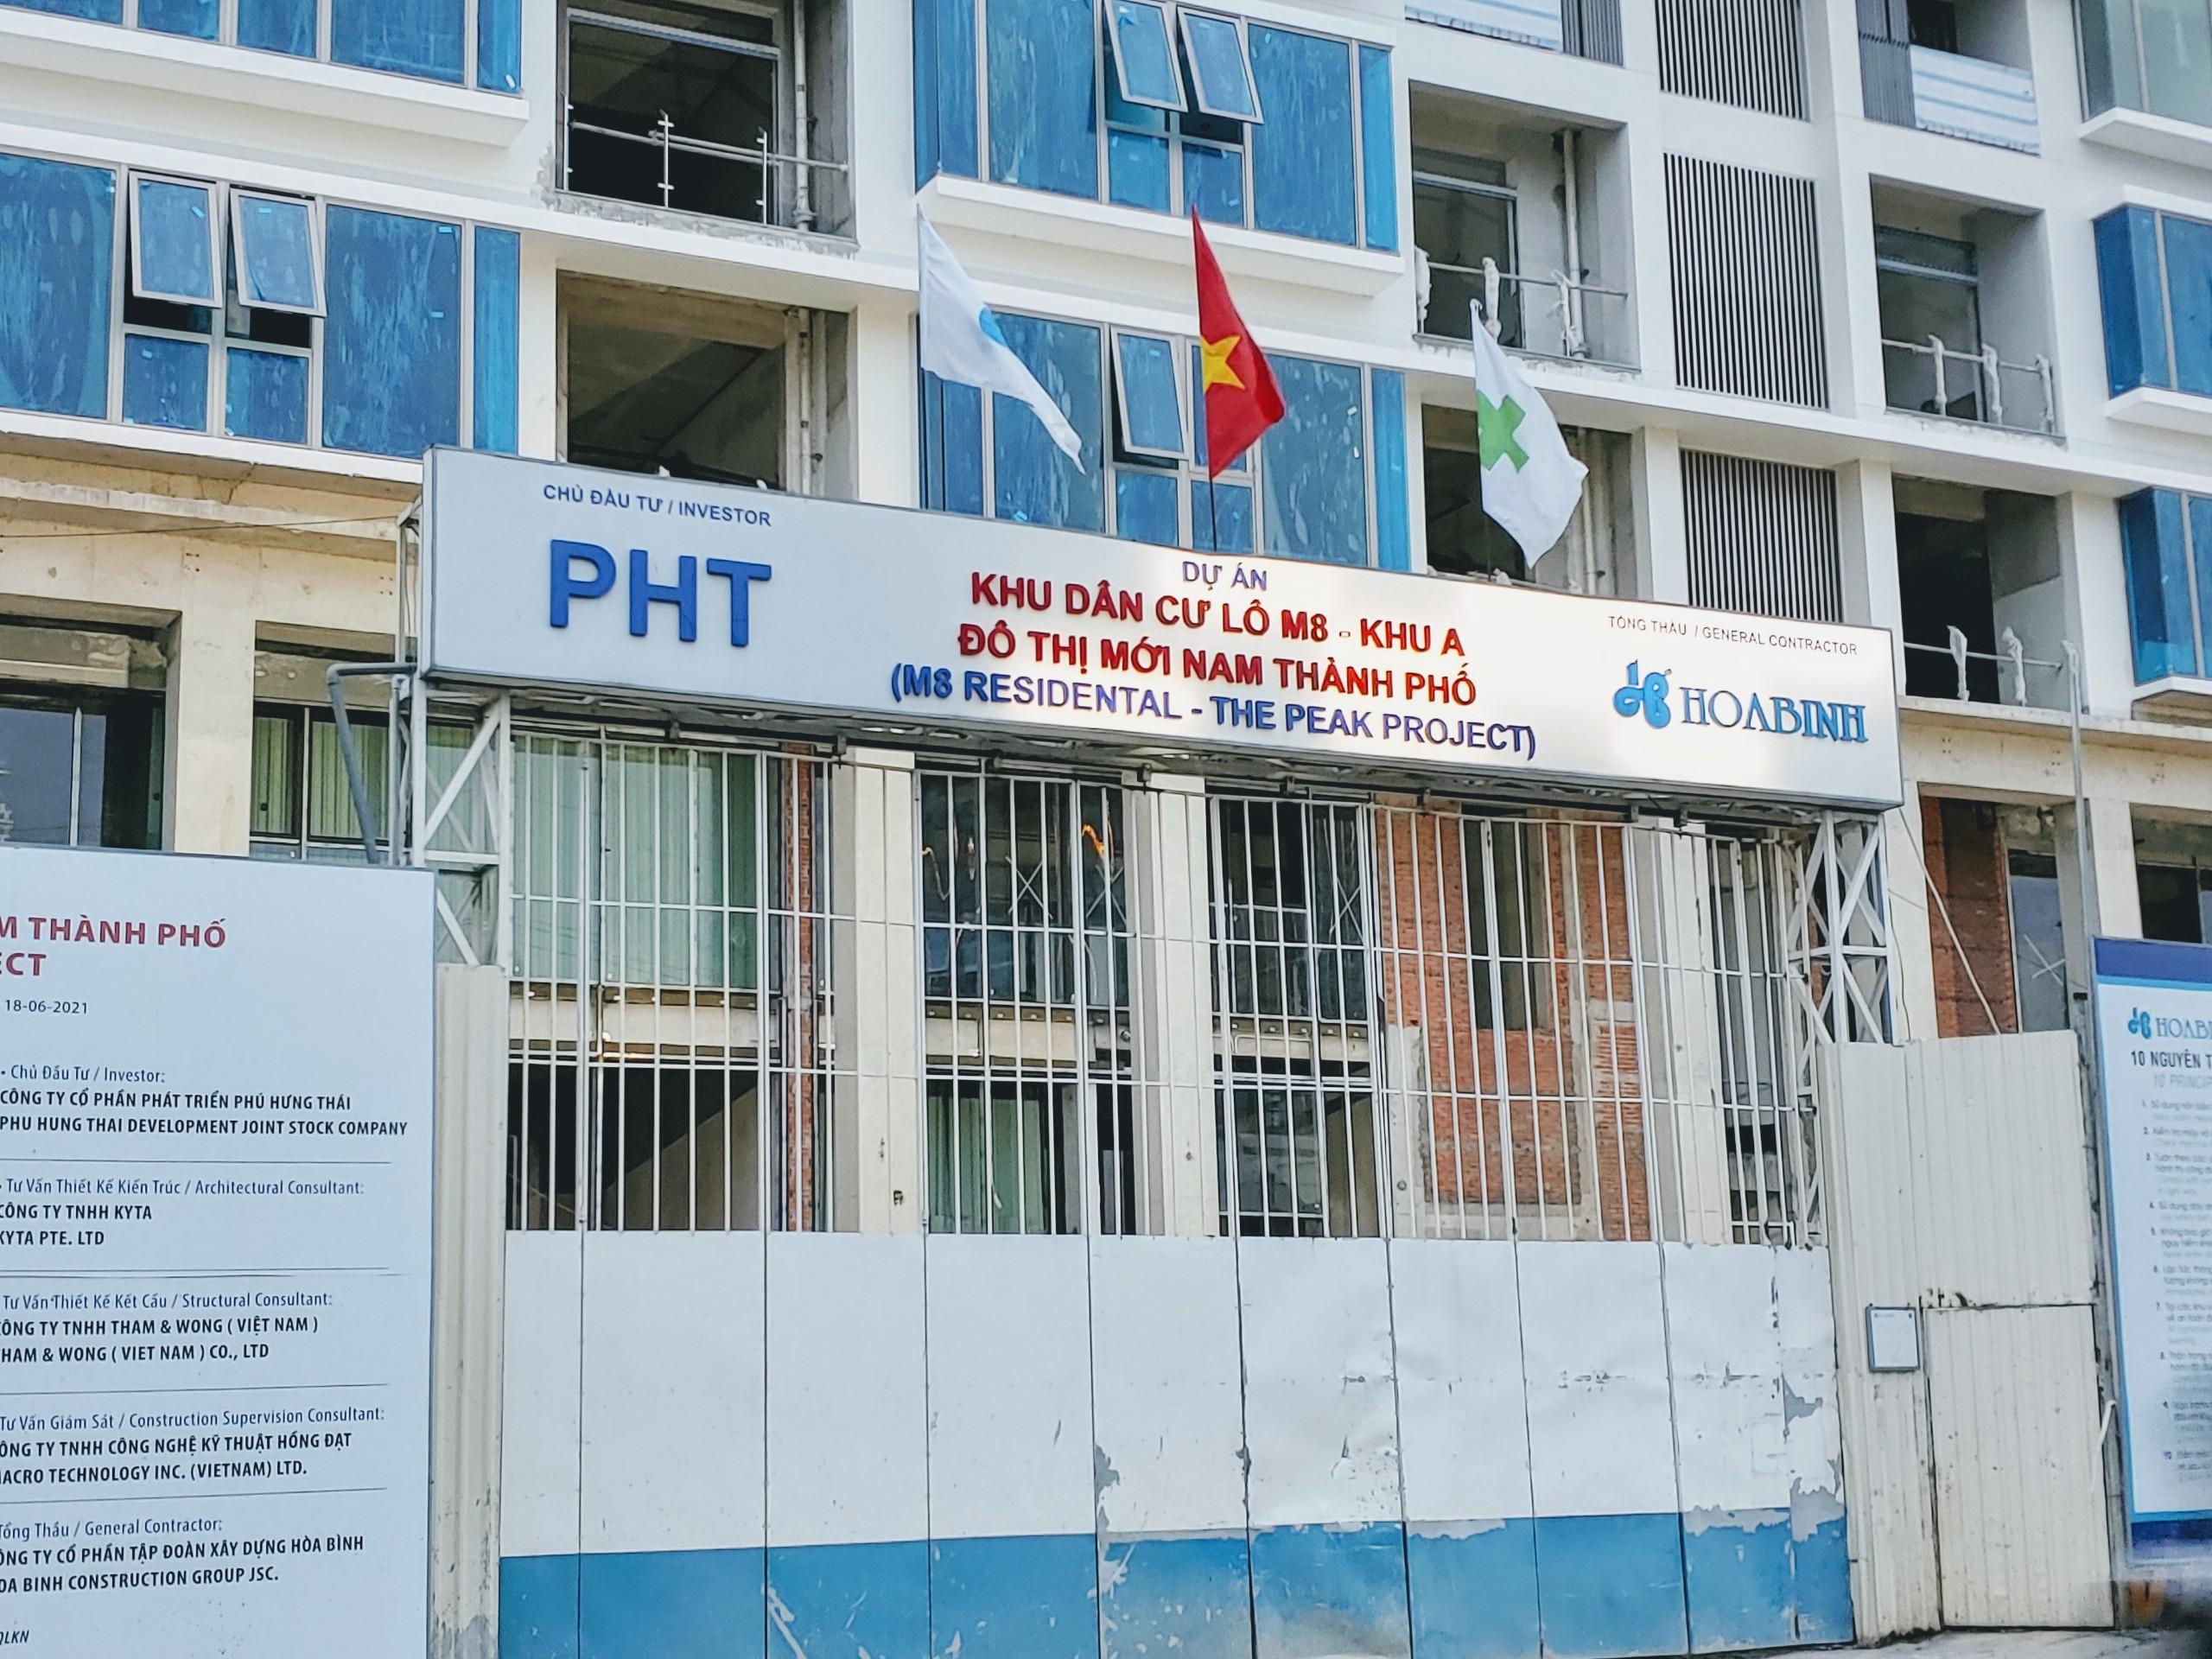 Hòa Bình trúng thầu dự án trường học gần 200 tỷ đồng tại Hà Nội - Ảnh 2.